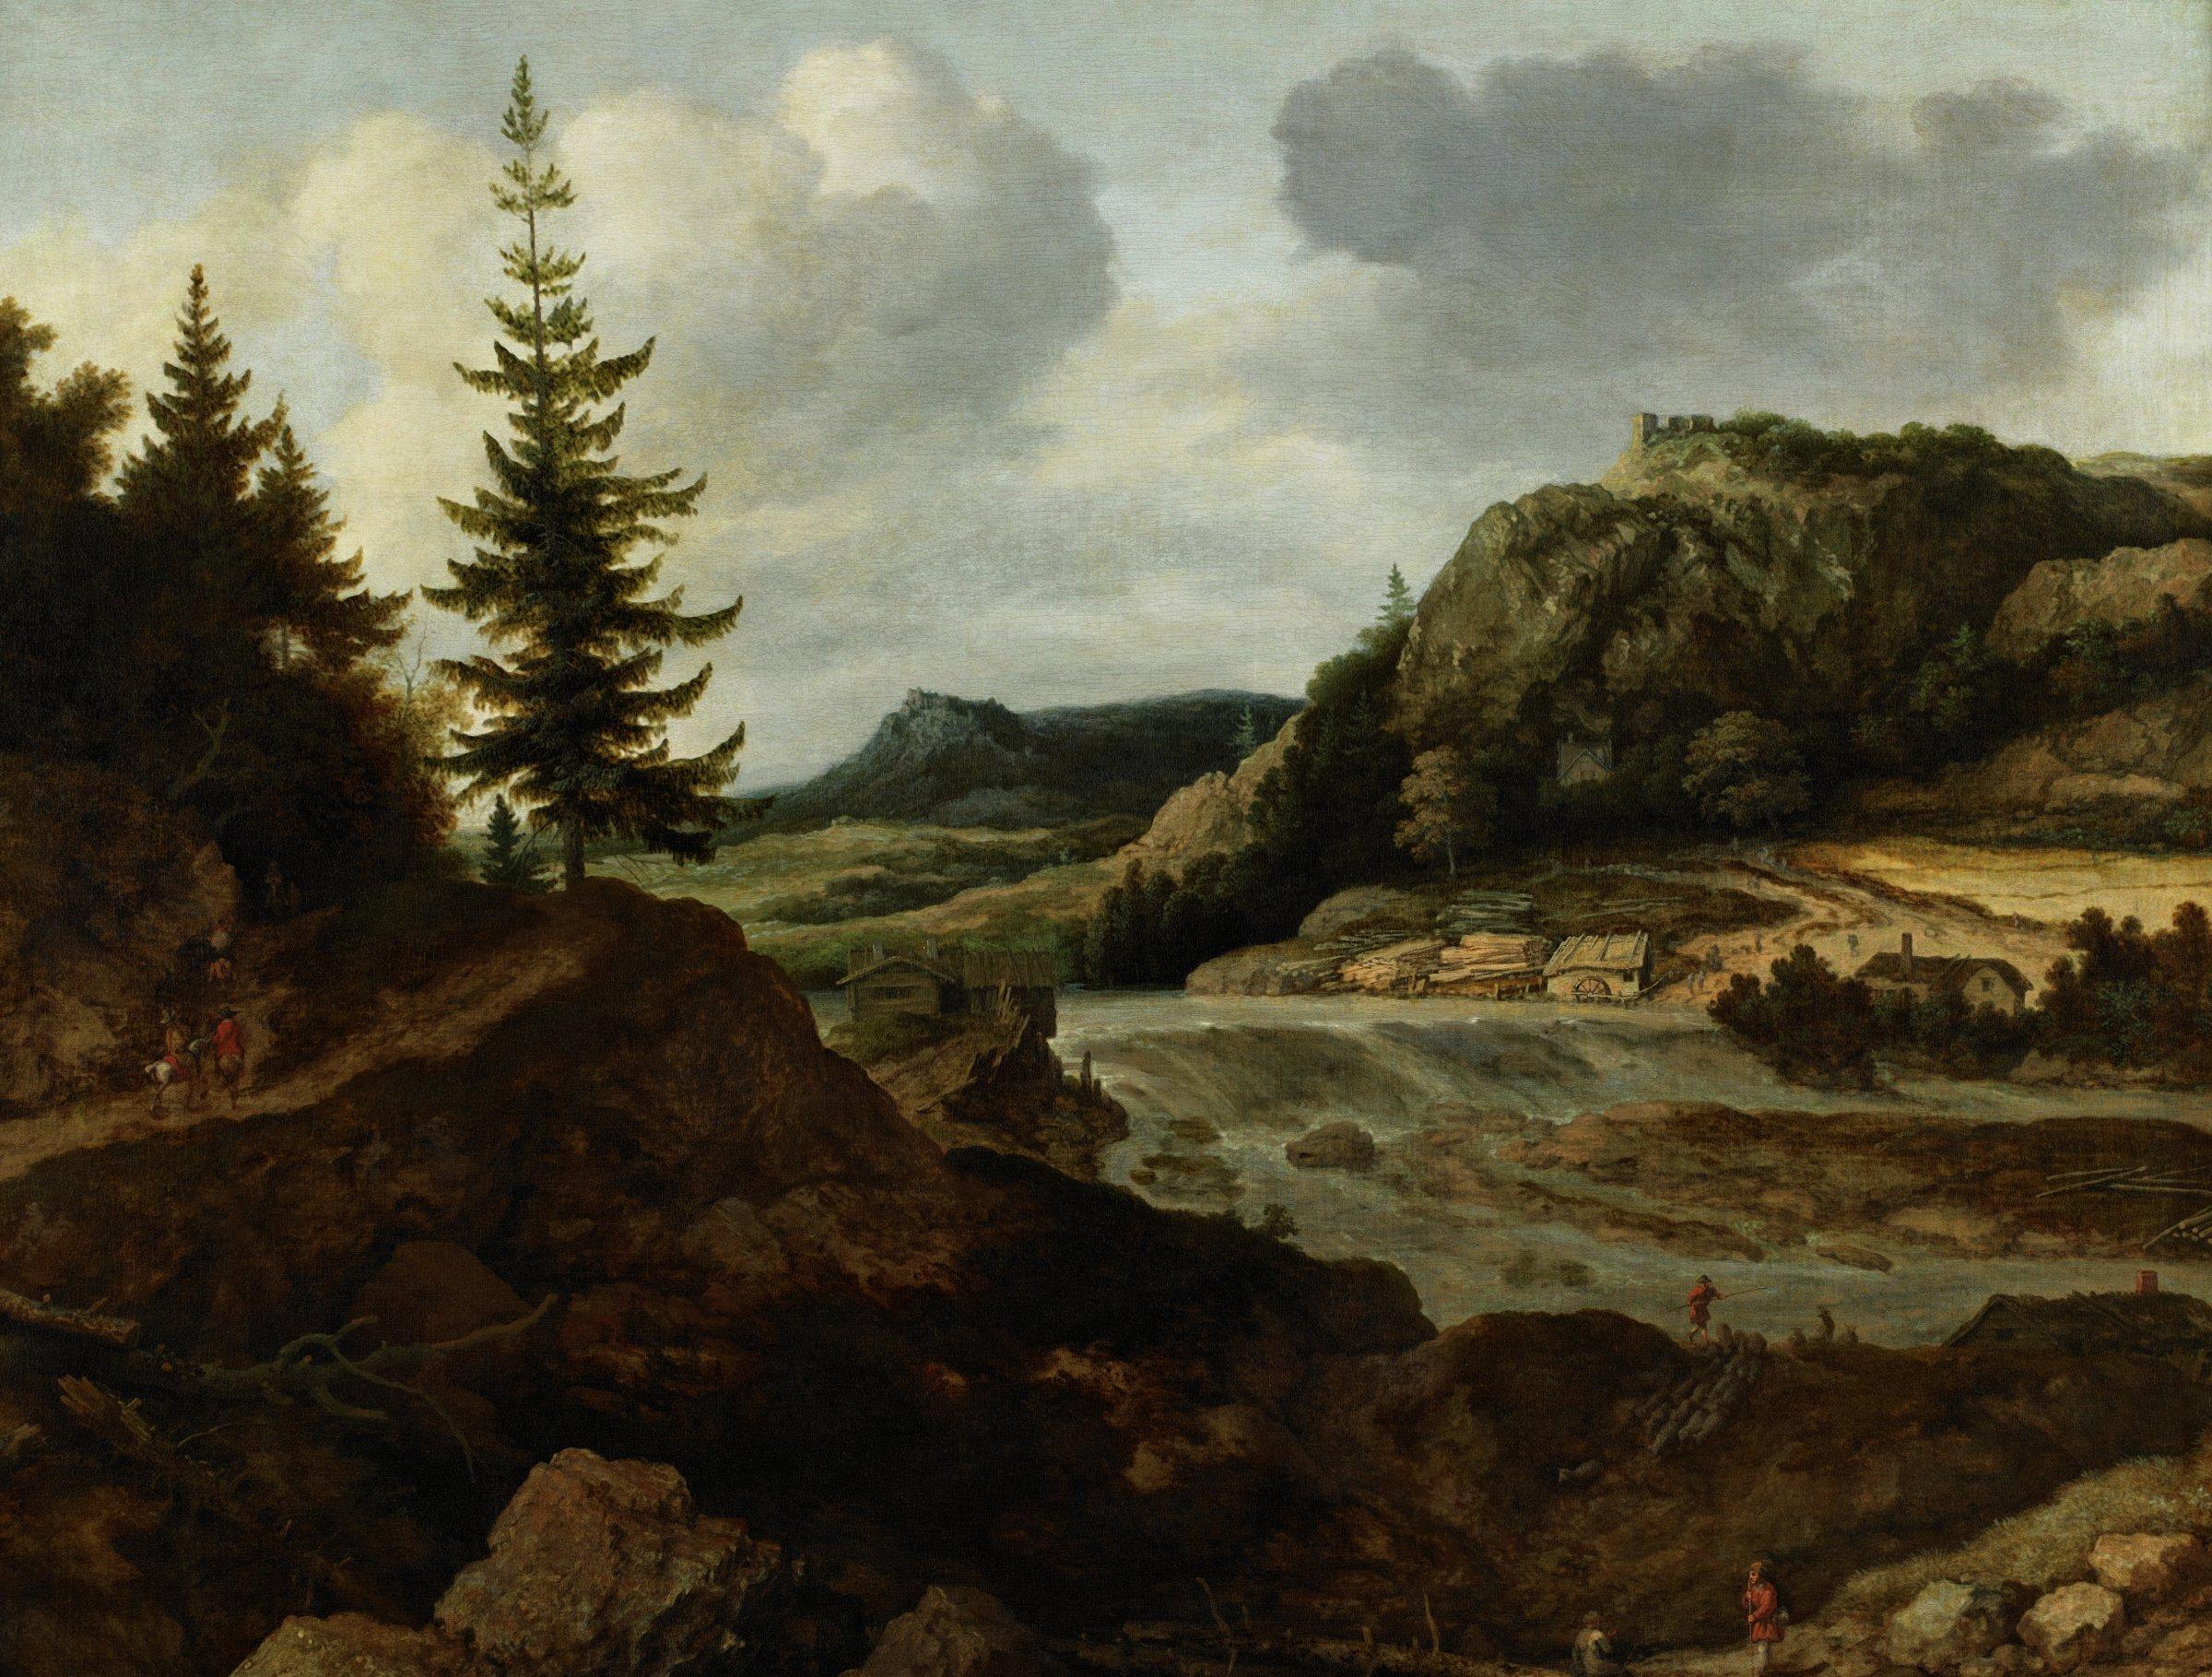 A Mountainous River Landscape with Travellers, Allart van Everdingen, oil on canvas